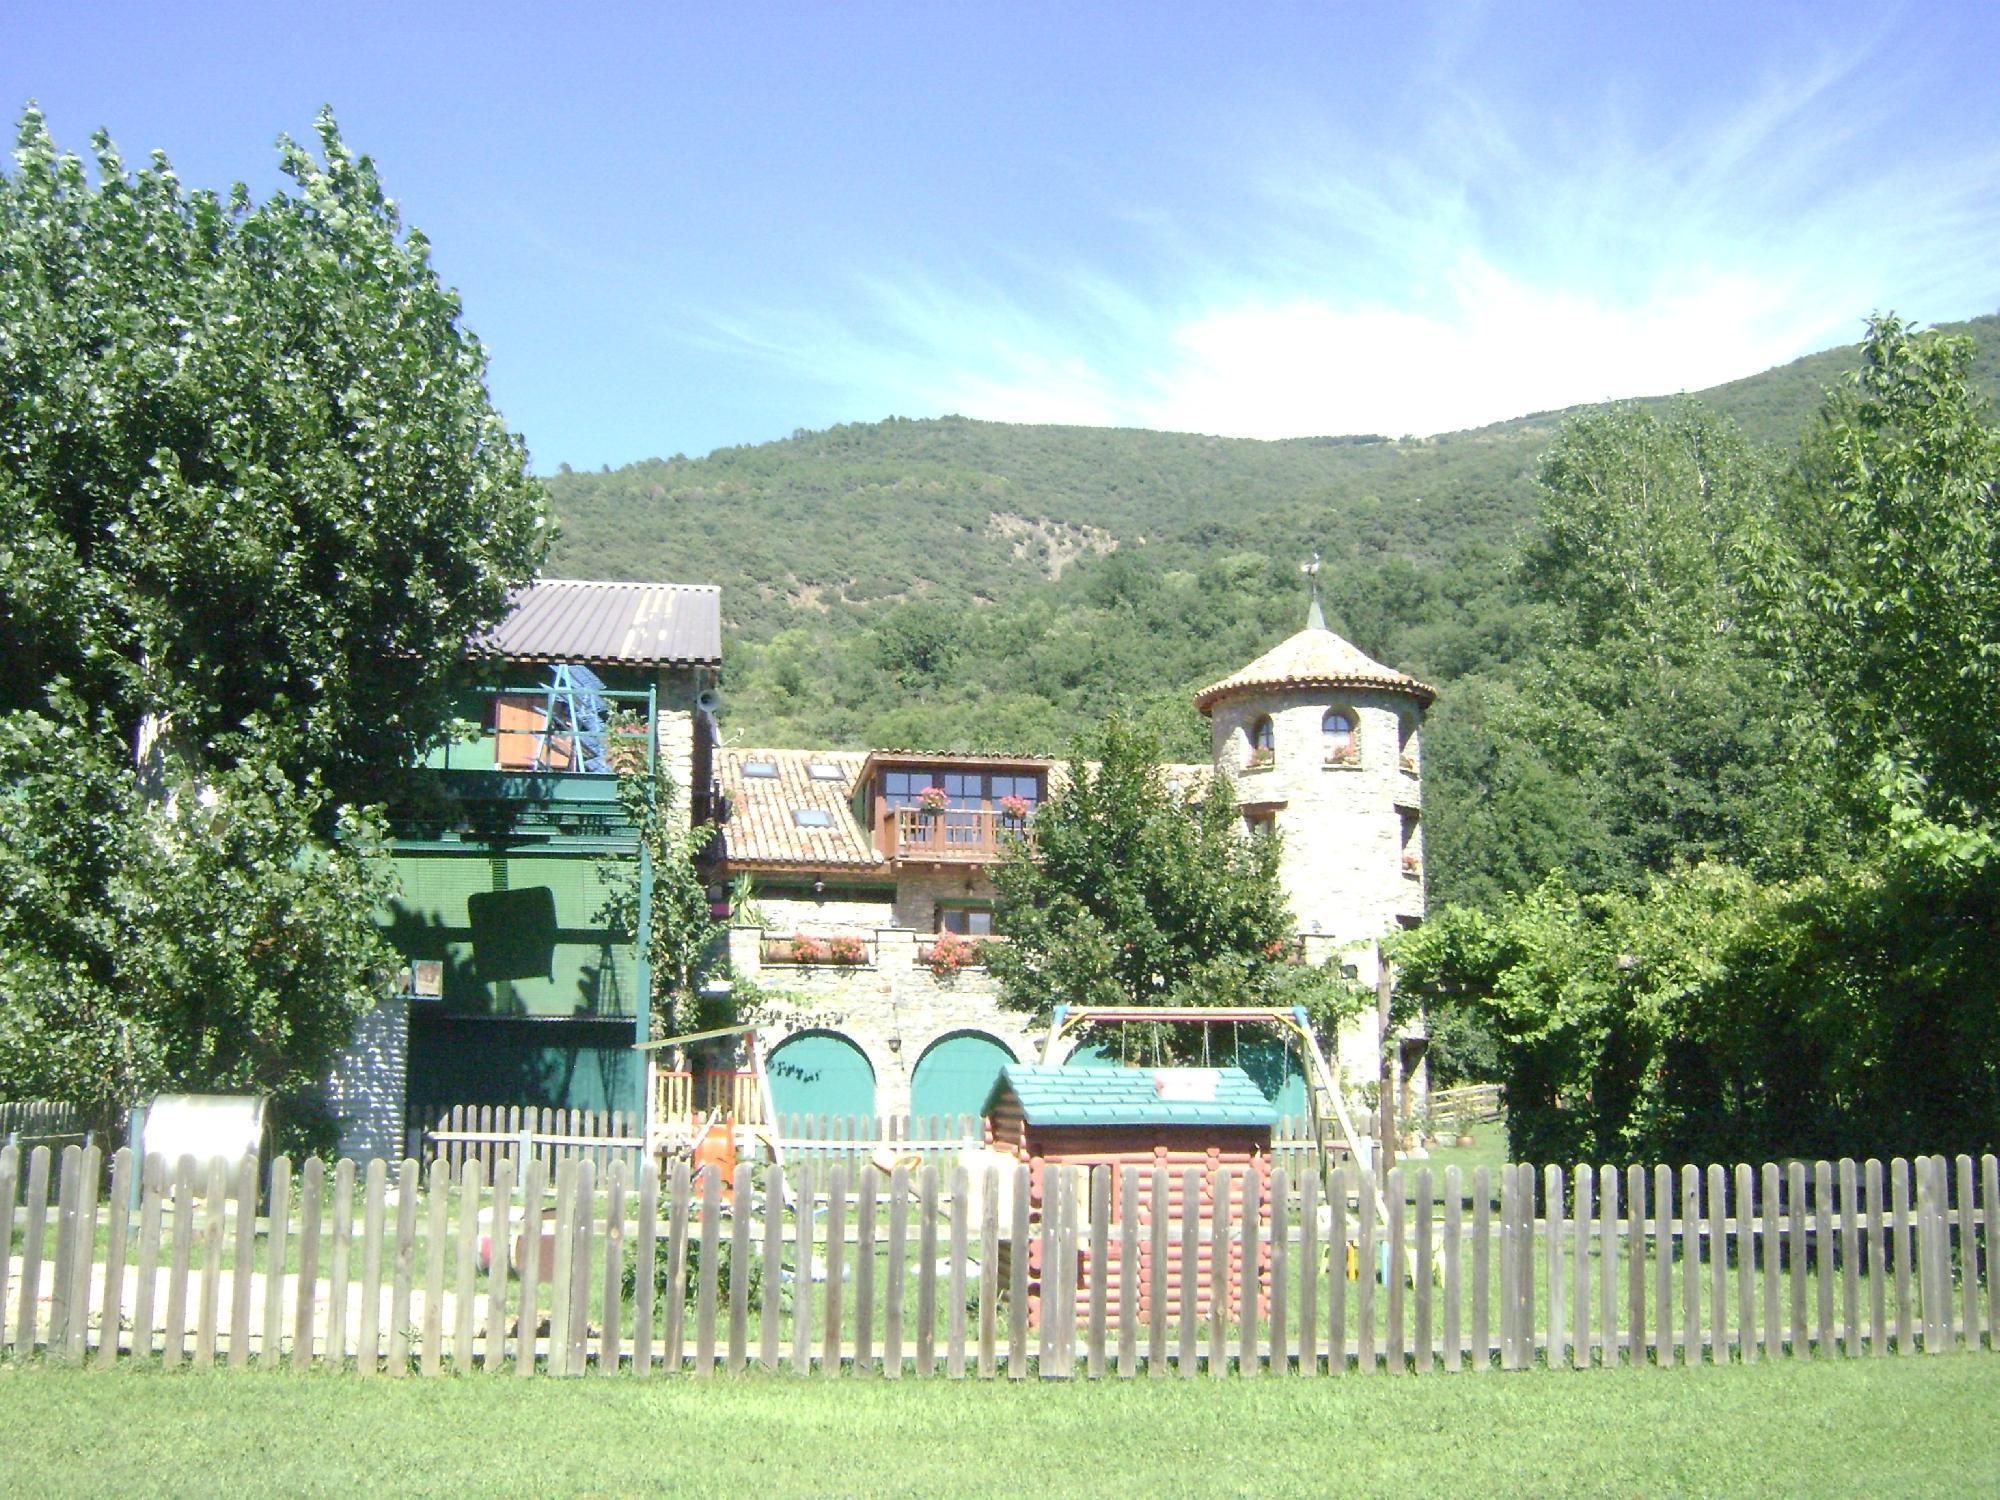 Fotos de borda de ritort lleida sort clubrural - Casa rural sort ...